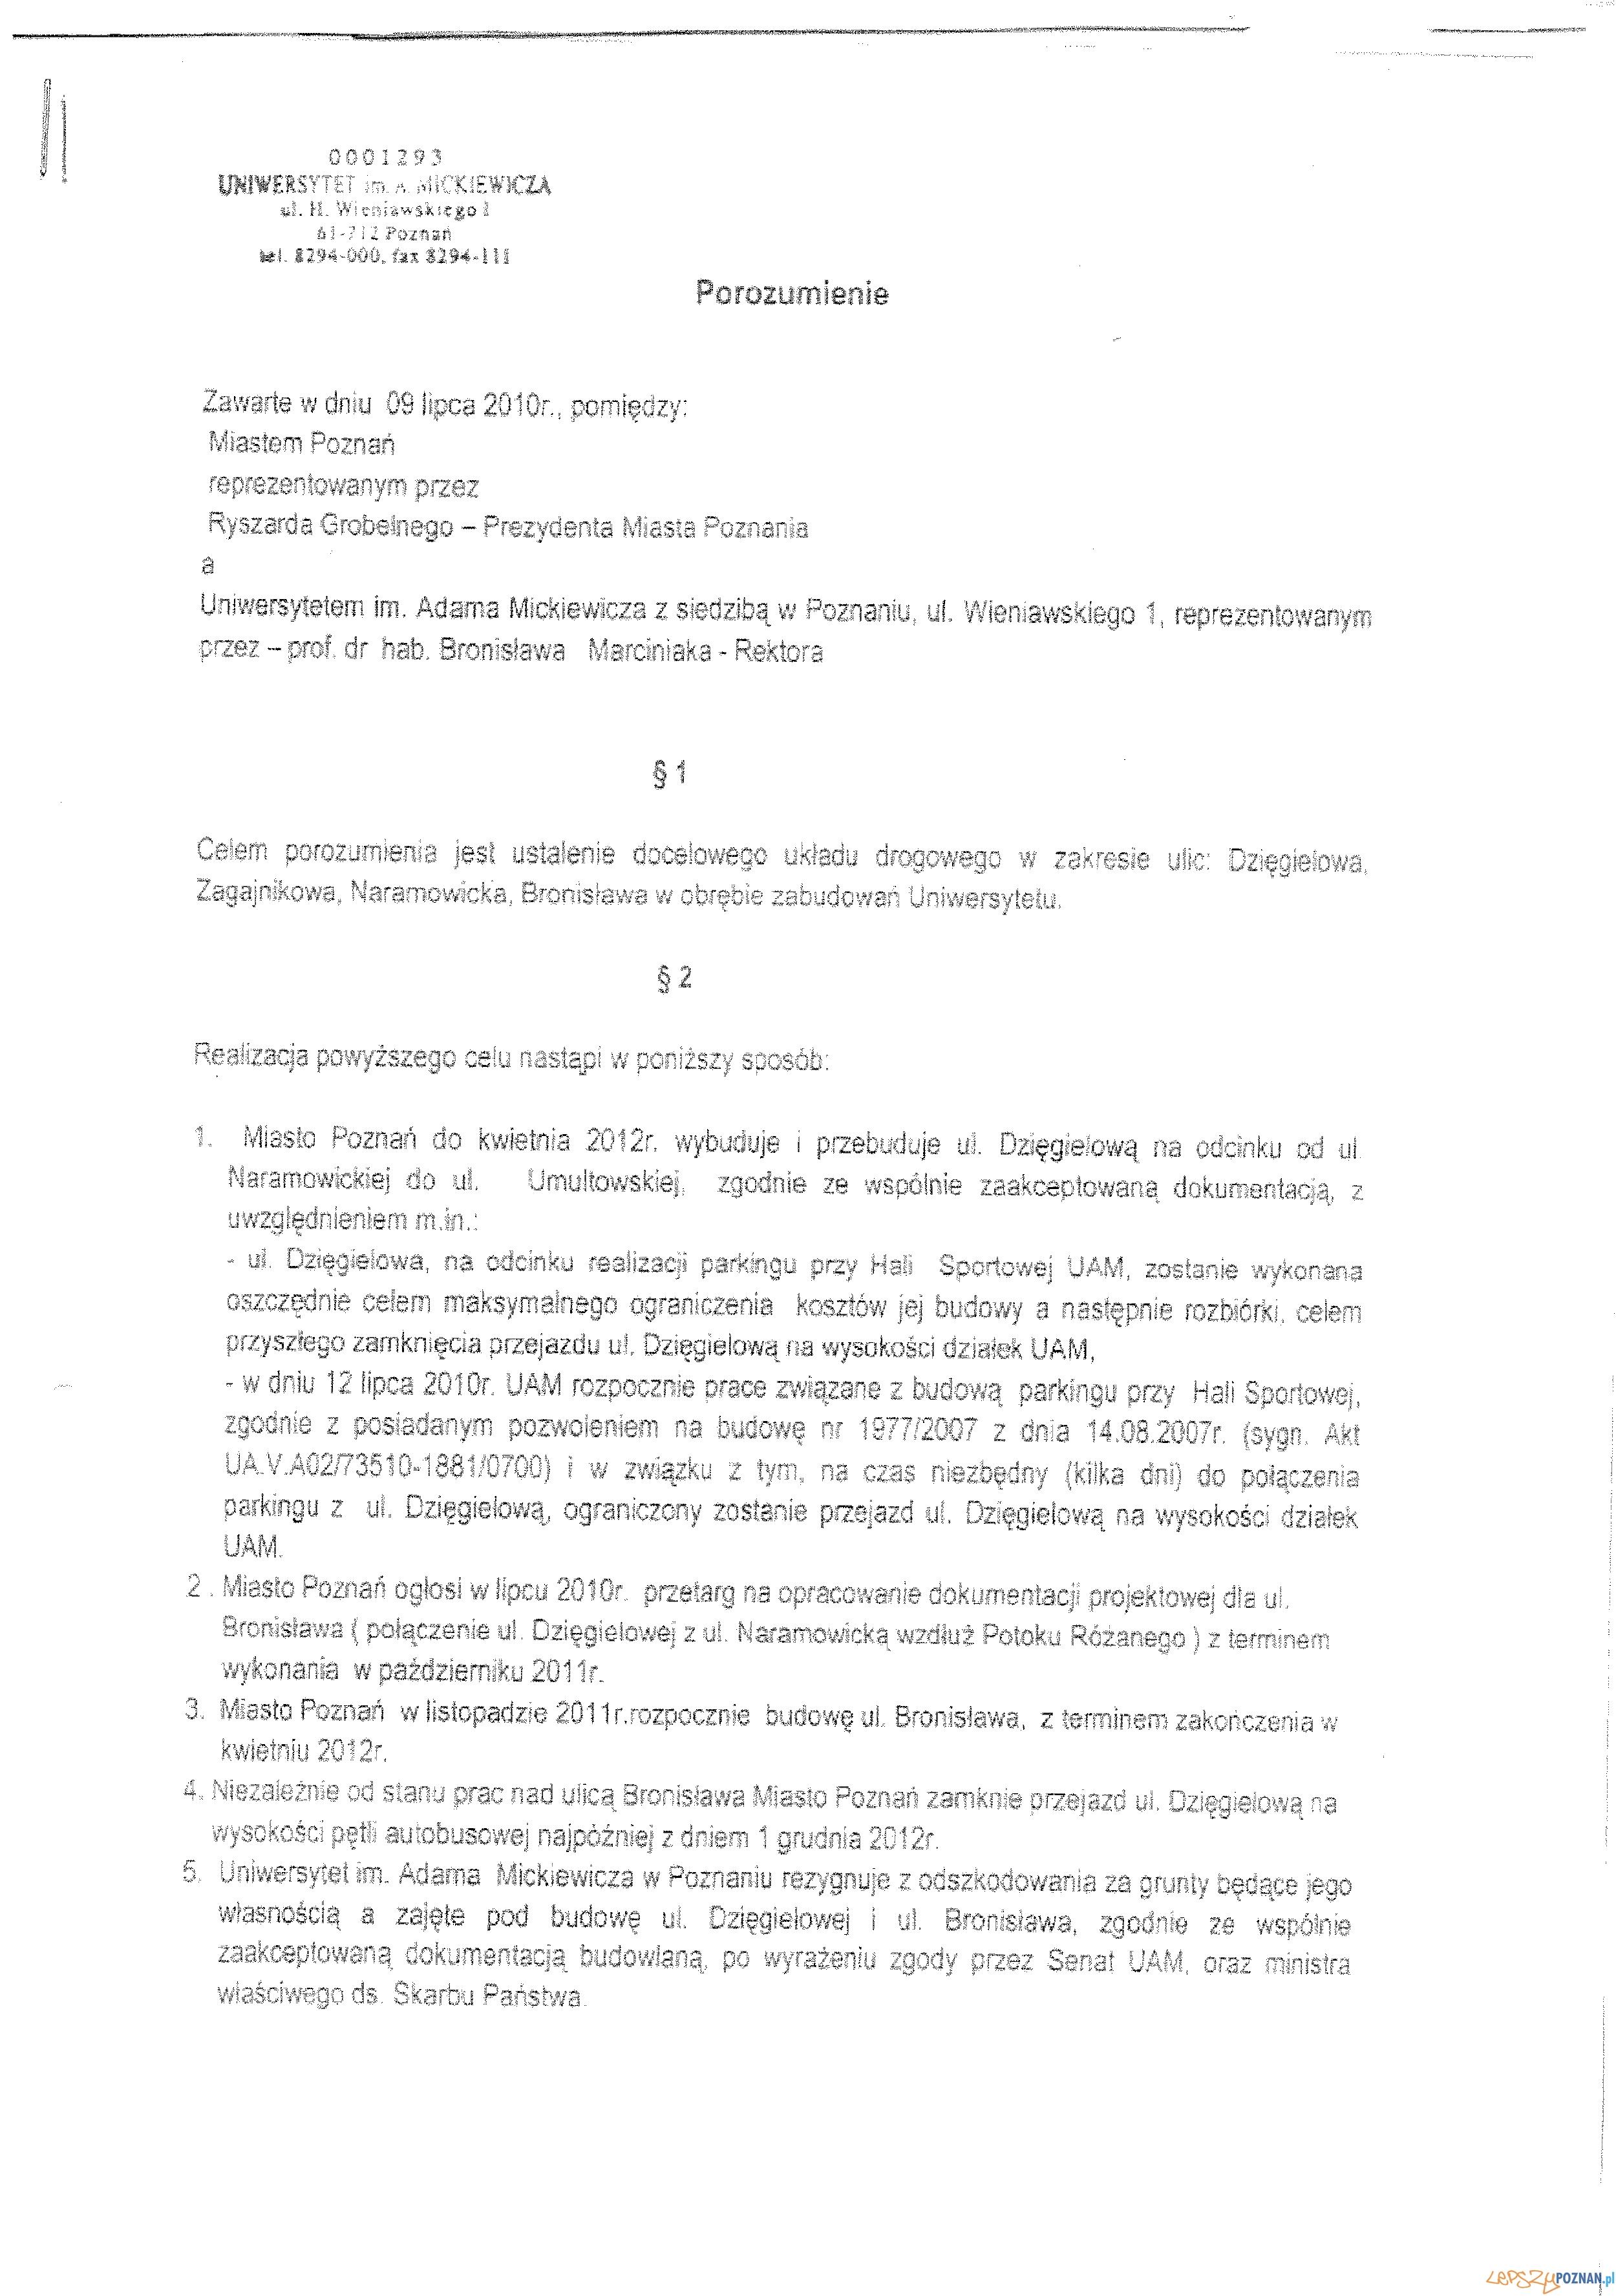 Porozumienie między Miastem a UAM  Foto: Porozumienie między Miastem a UAM